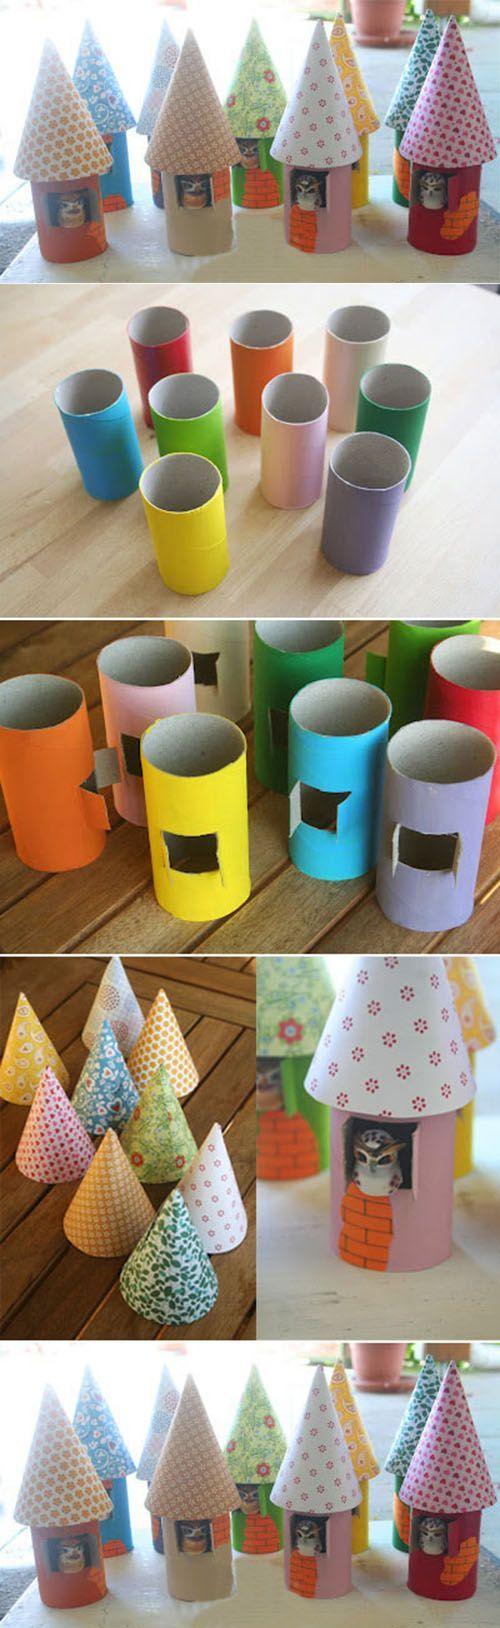 Paper tube houses